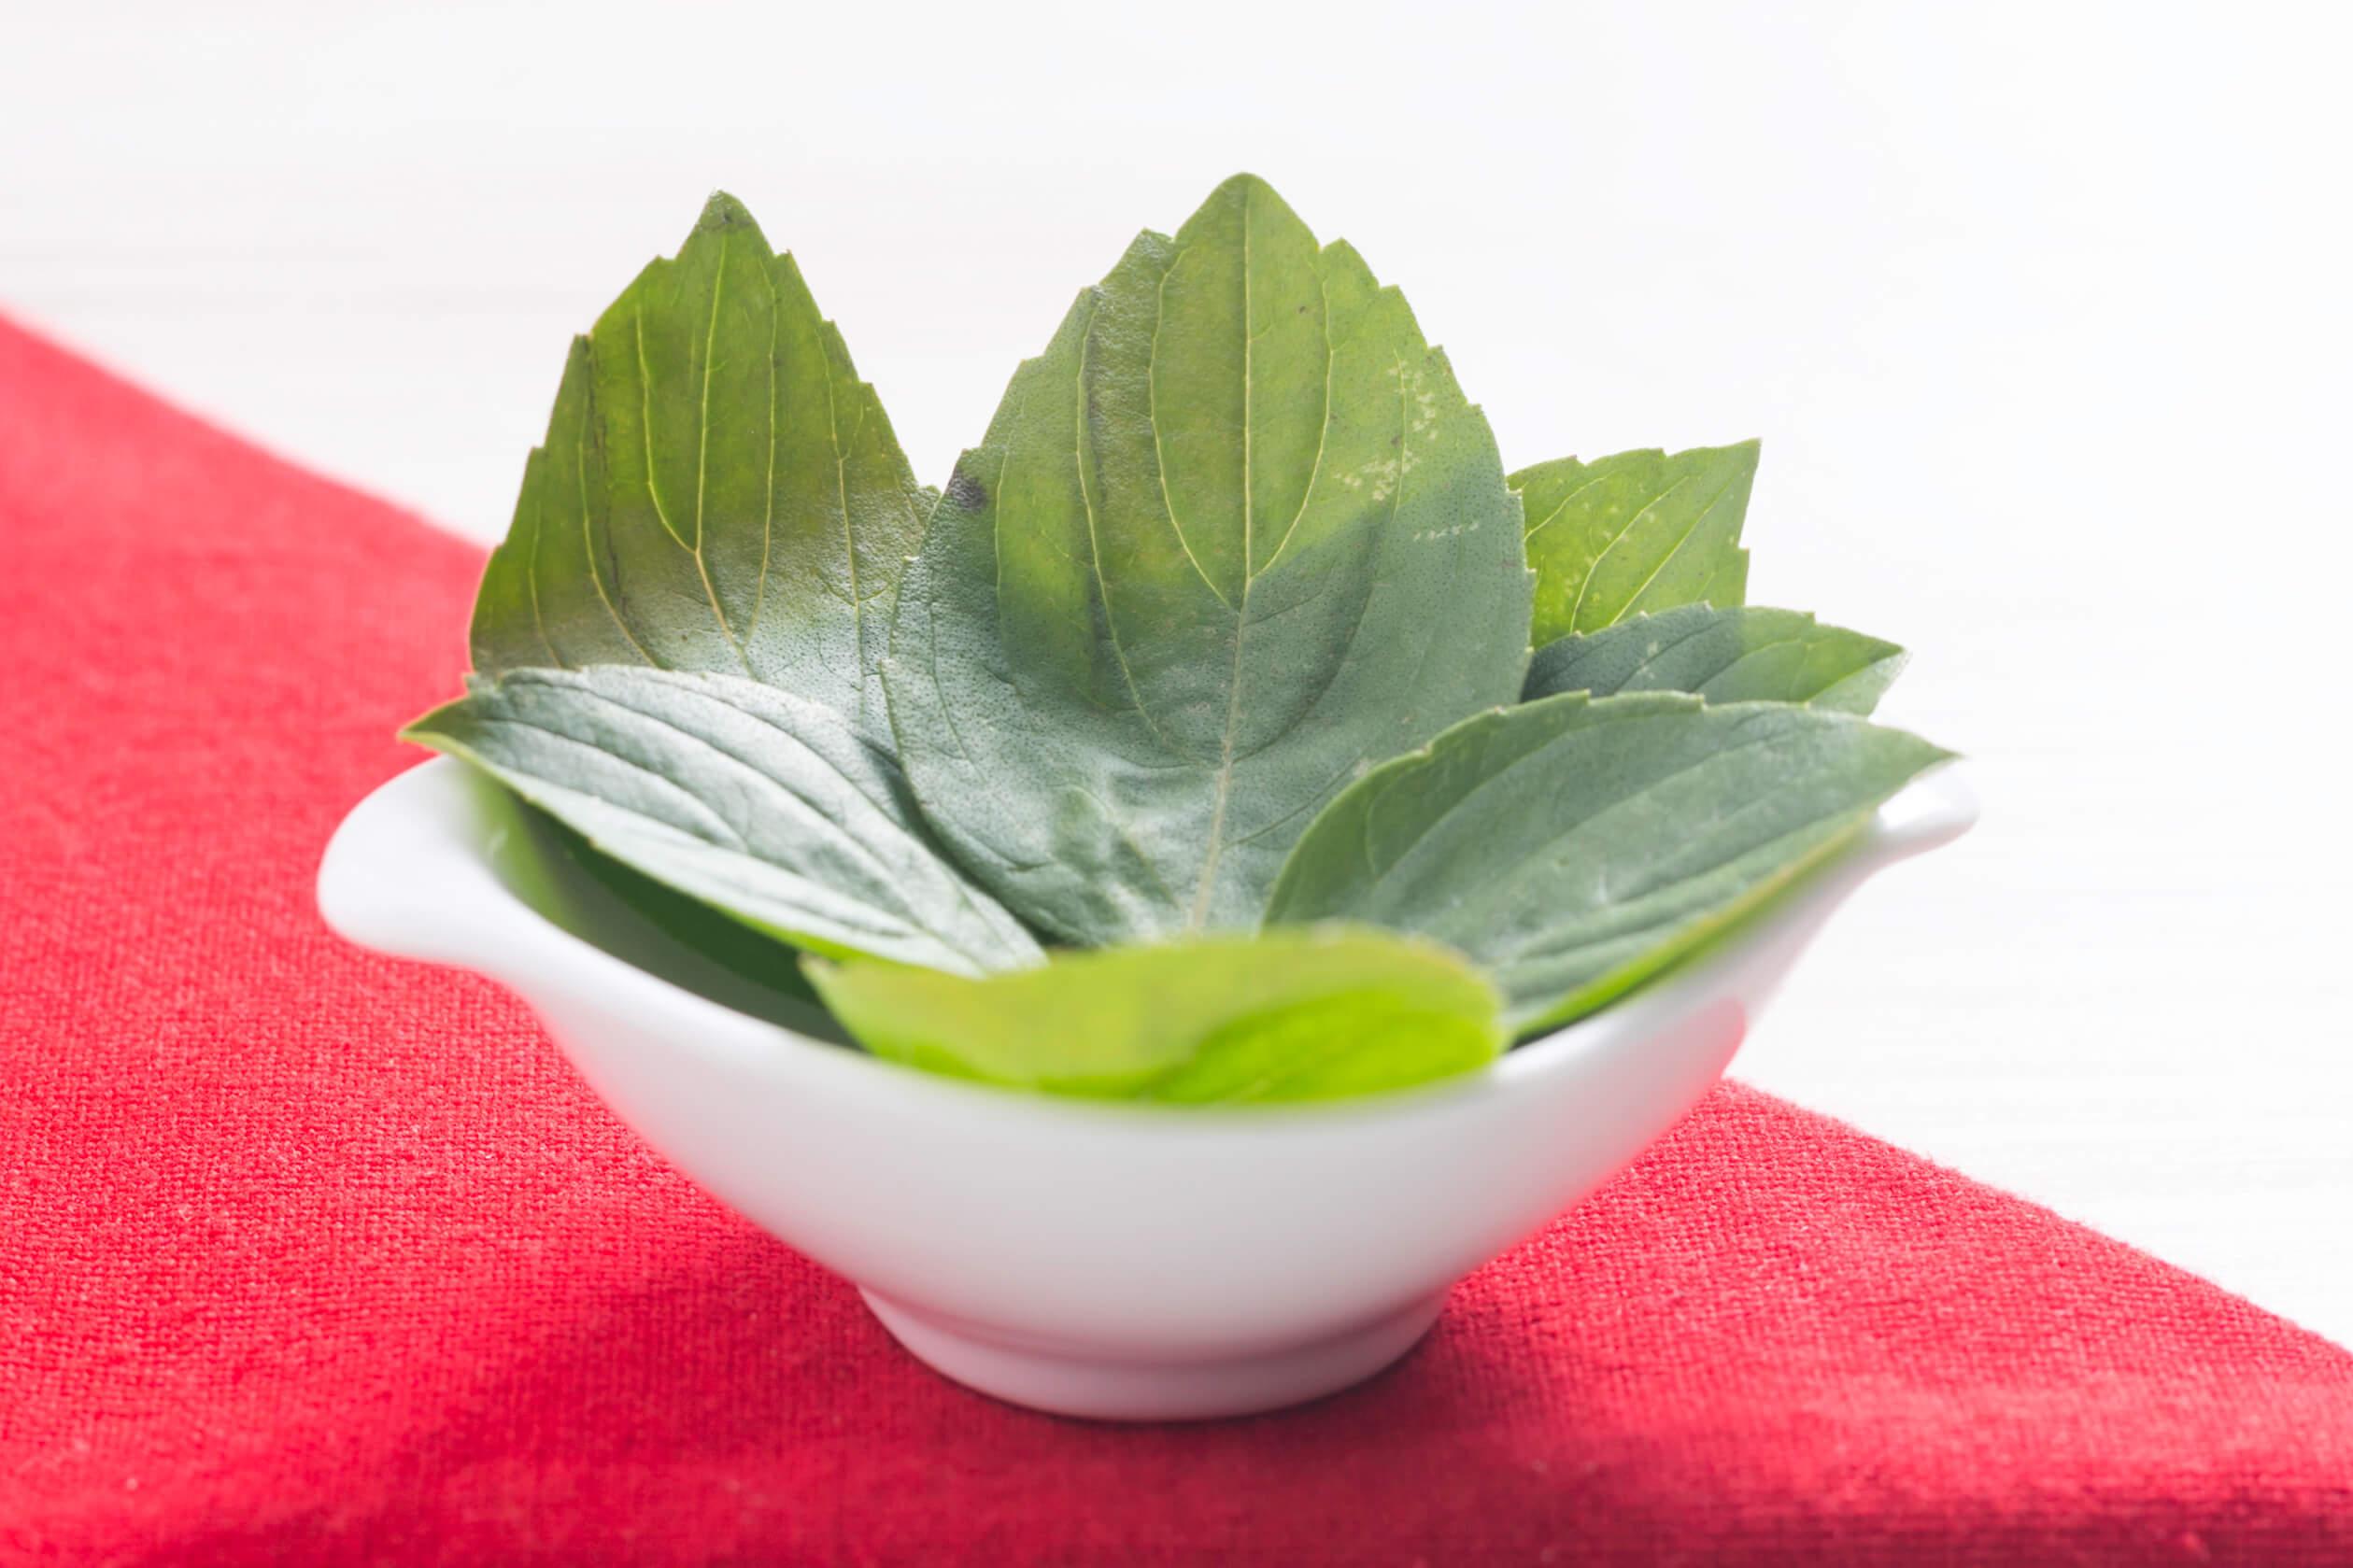 Saiba mais sobre o Manjericão, um dos ingredientes utilizados pela Liv Up